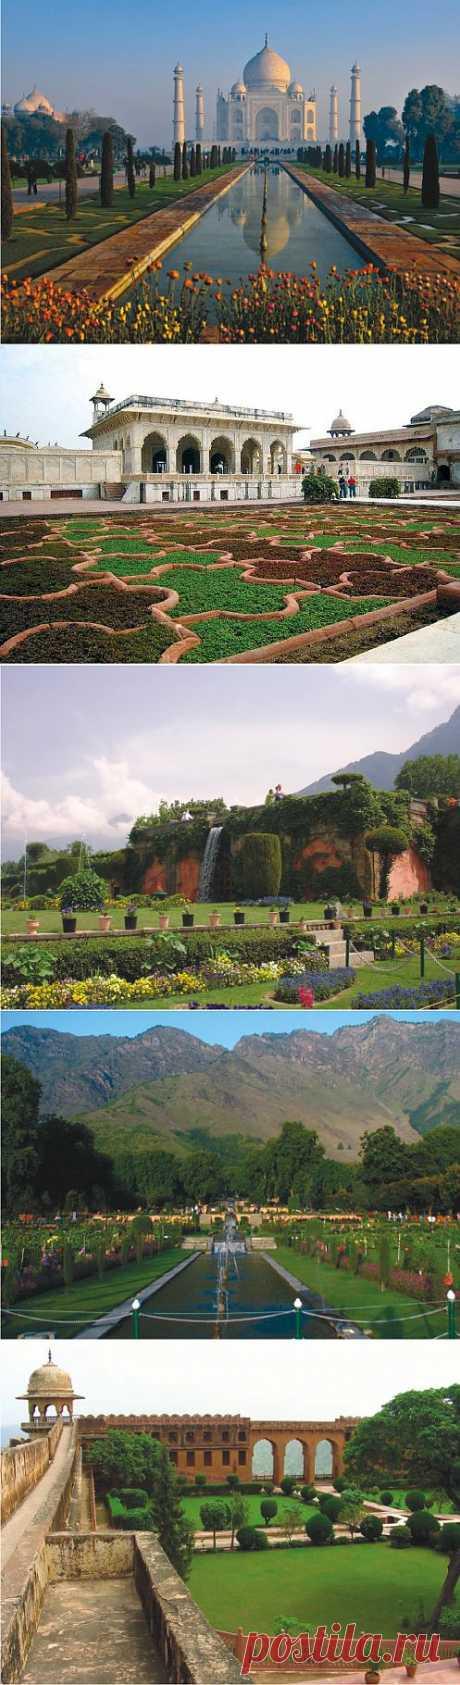 """En India desde hace mucho tiempo se refieren al árbol, la flor y el jardín en total, muy con tremblor. Los hindúes hablan: «Mi jardín - mi vida». Criar el jardín en India es una ciencia no sólo agraria y el diseño, sino también la dirección entera espiritual — \""""Vastu\"""" llamado en honor al dios de la parcela de tierra.\u000d\u000a\u000d\u000a \u000d\u000a\u000d\u000aSi creer a esta dirección, la tierra en que vives, la casa, las planta, que te rodean, las flores, — todo influye sobre tu salud, el mundo interior y la armonía con el mundo en total."""